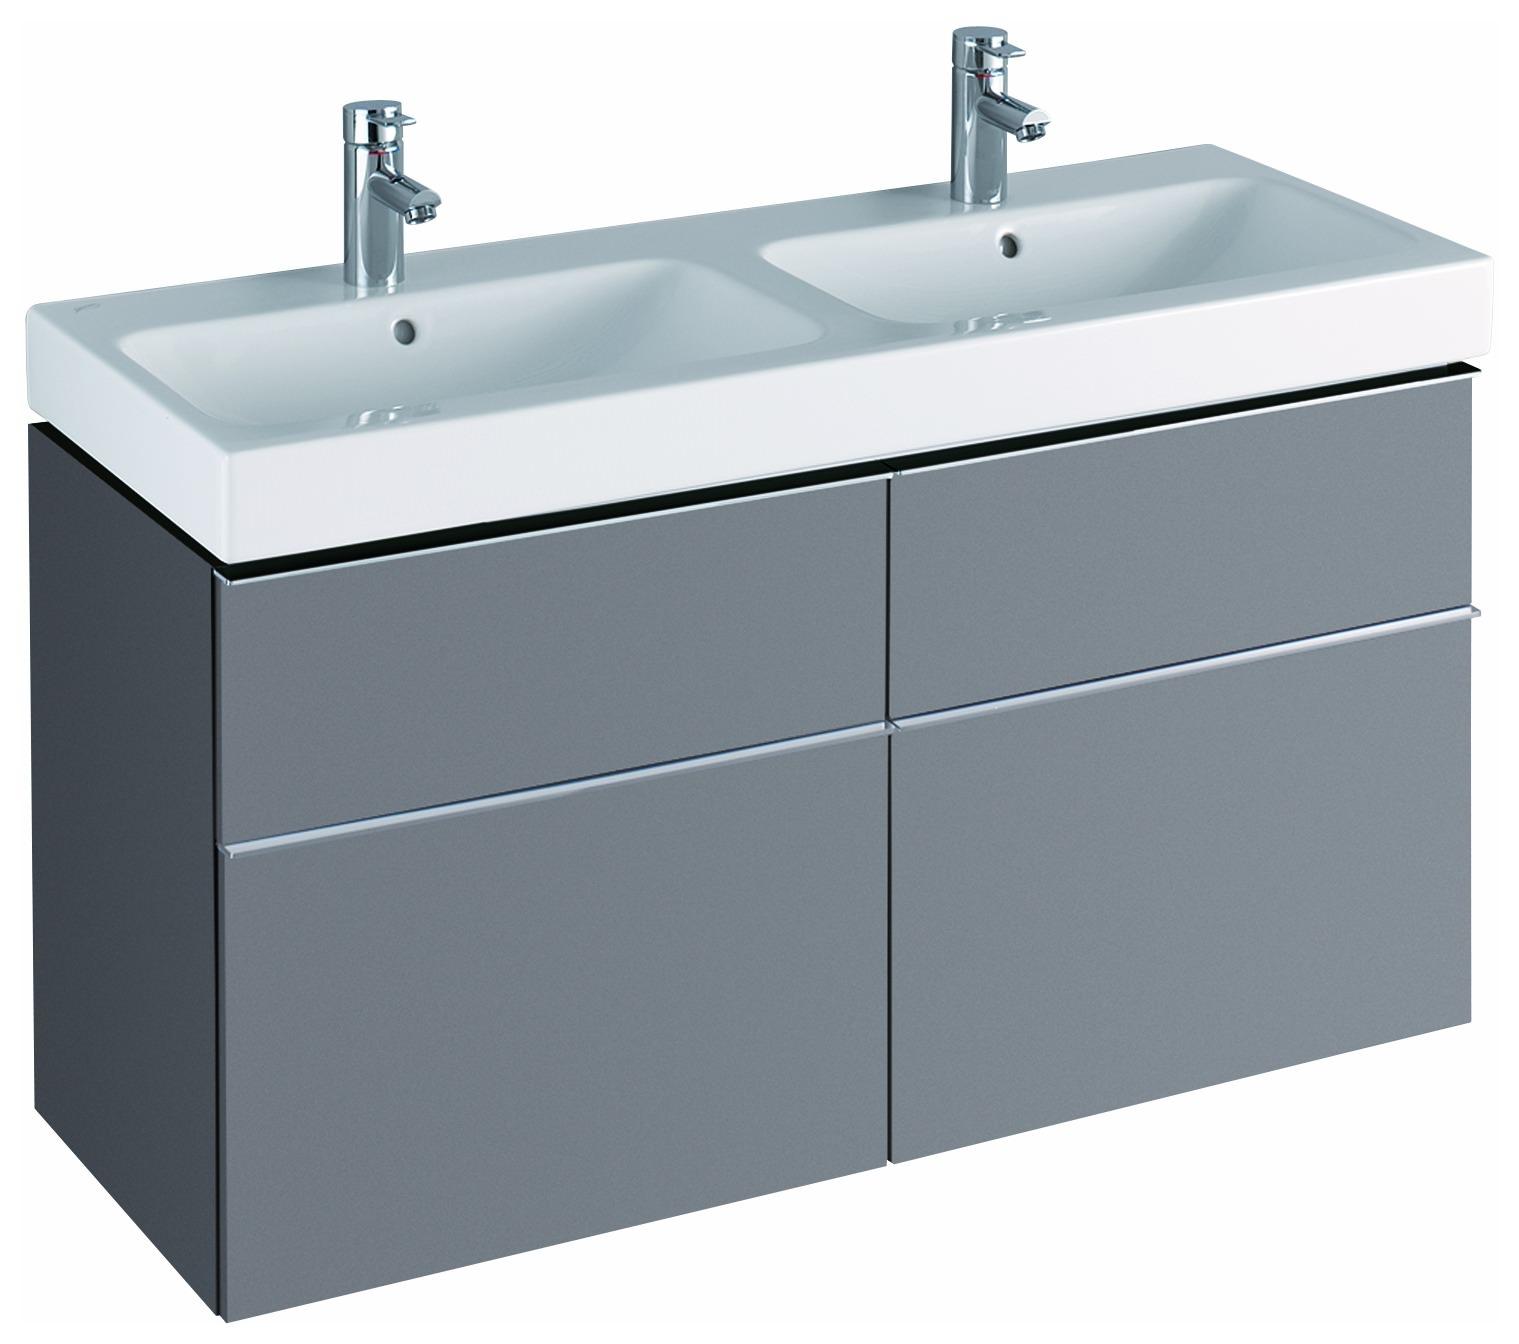 keramag icon waschtischunterschrank f r doppelwaschtisch. Black Bedroom Furniture Sets. Home Design Ideas